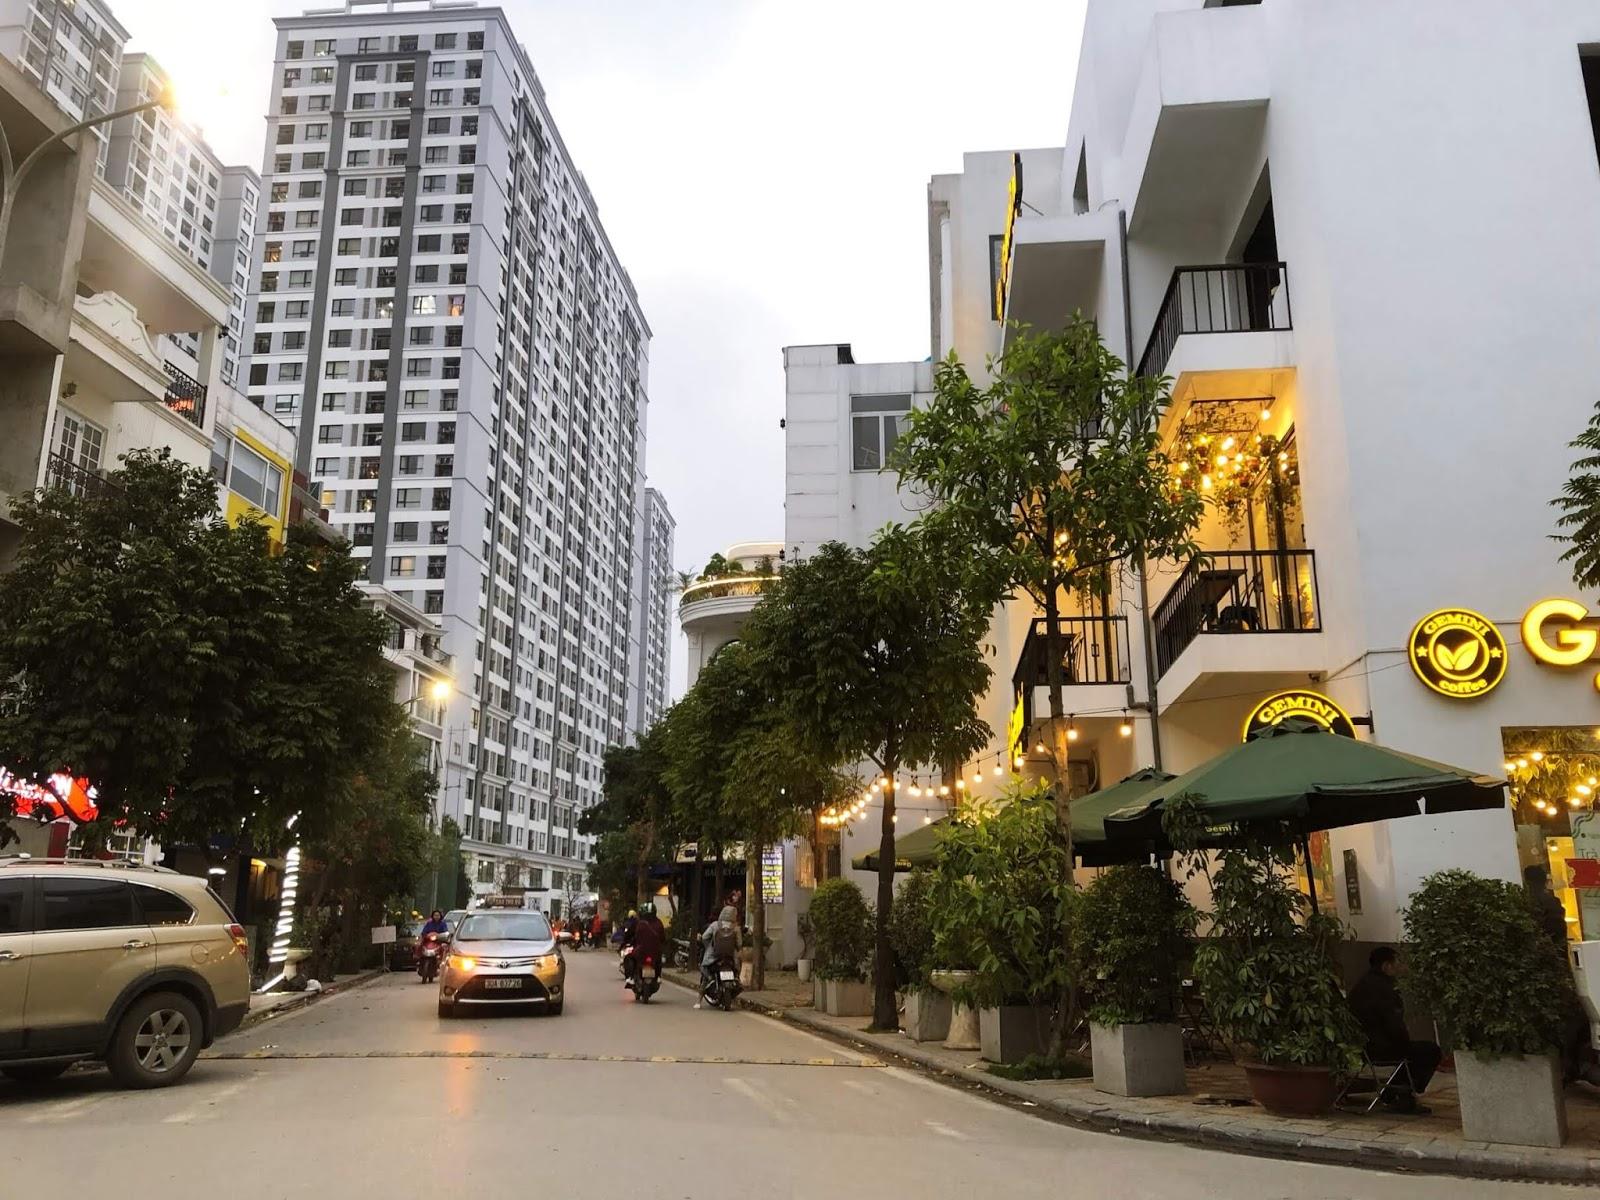 Hướng nhìn từ cổng dự án 622 Minh Khai qua khu đô thị Times City